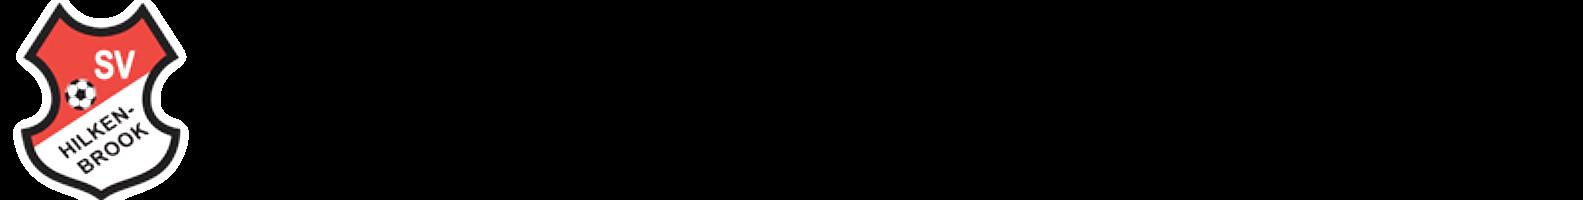 SV-Hilkenbrook